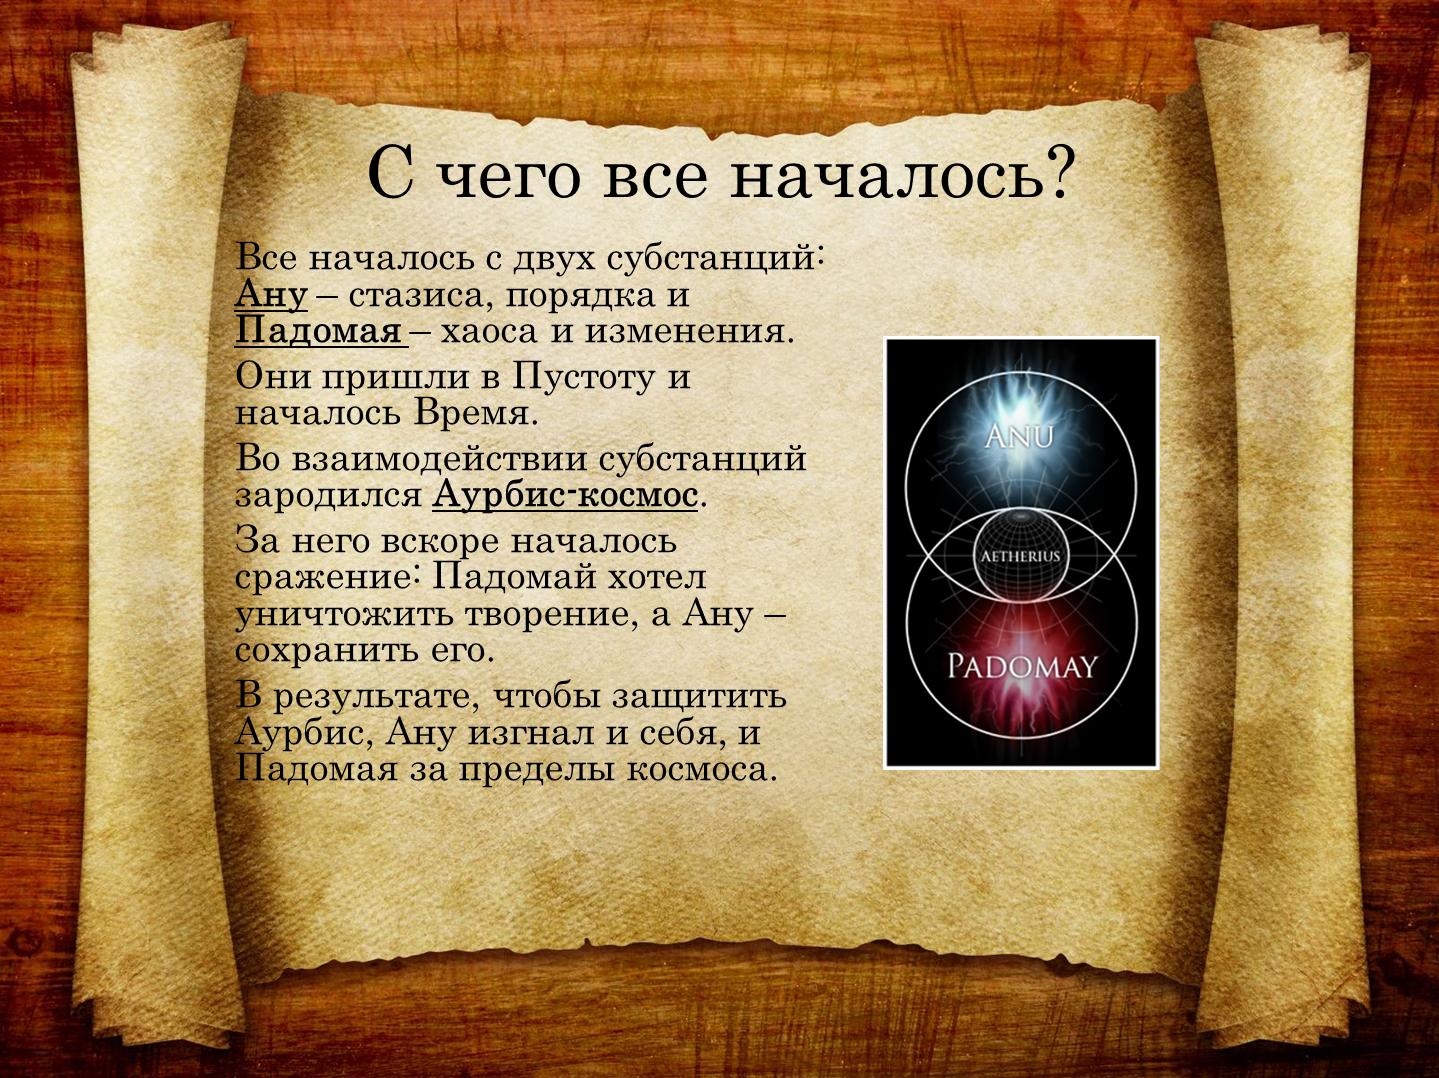 http://s3.uploads.ru/MINRd.png